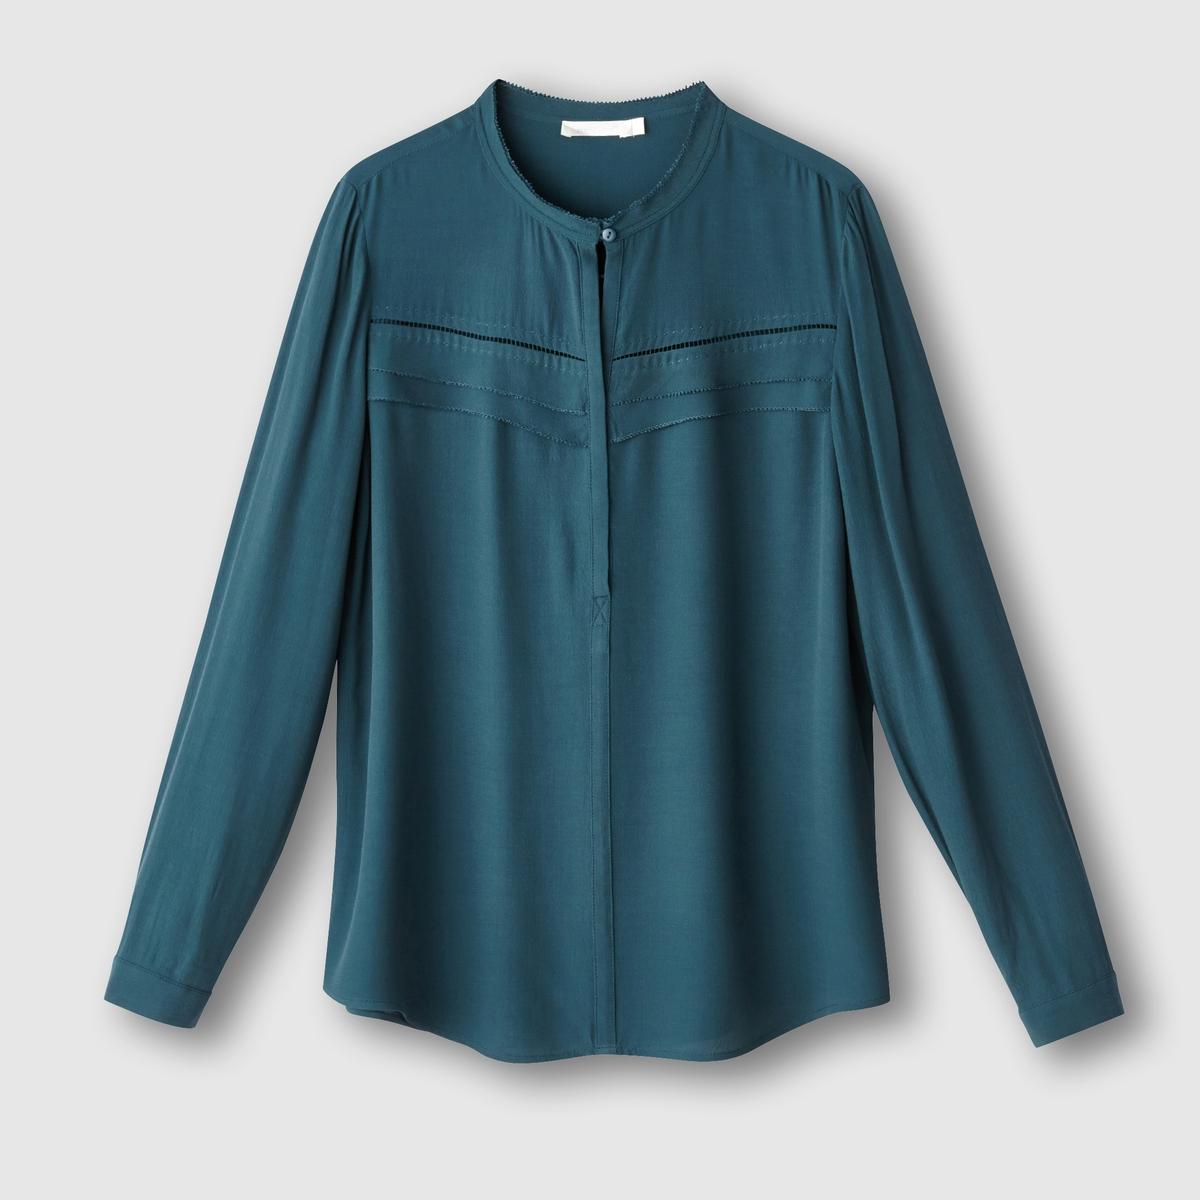 Блузка с длинными рукавамиСостав и описание     Марка :      SEE U SOON.     Материал  :     100% вискозы.          Уход     Машинная стирка при 30 °C     с вещами схожих цветов.<br><br>Цвет: черный<br>Размер: L